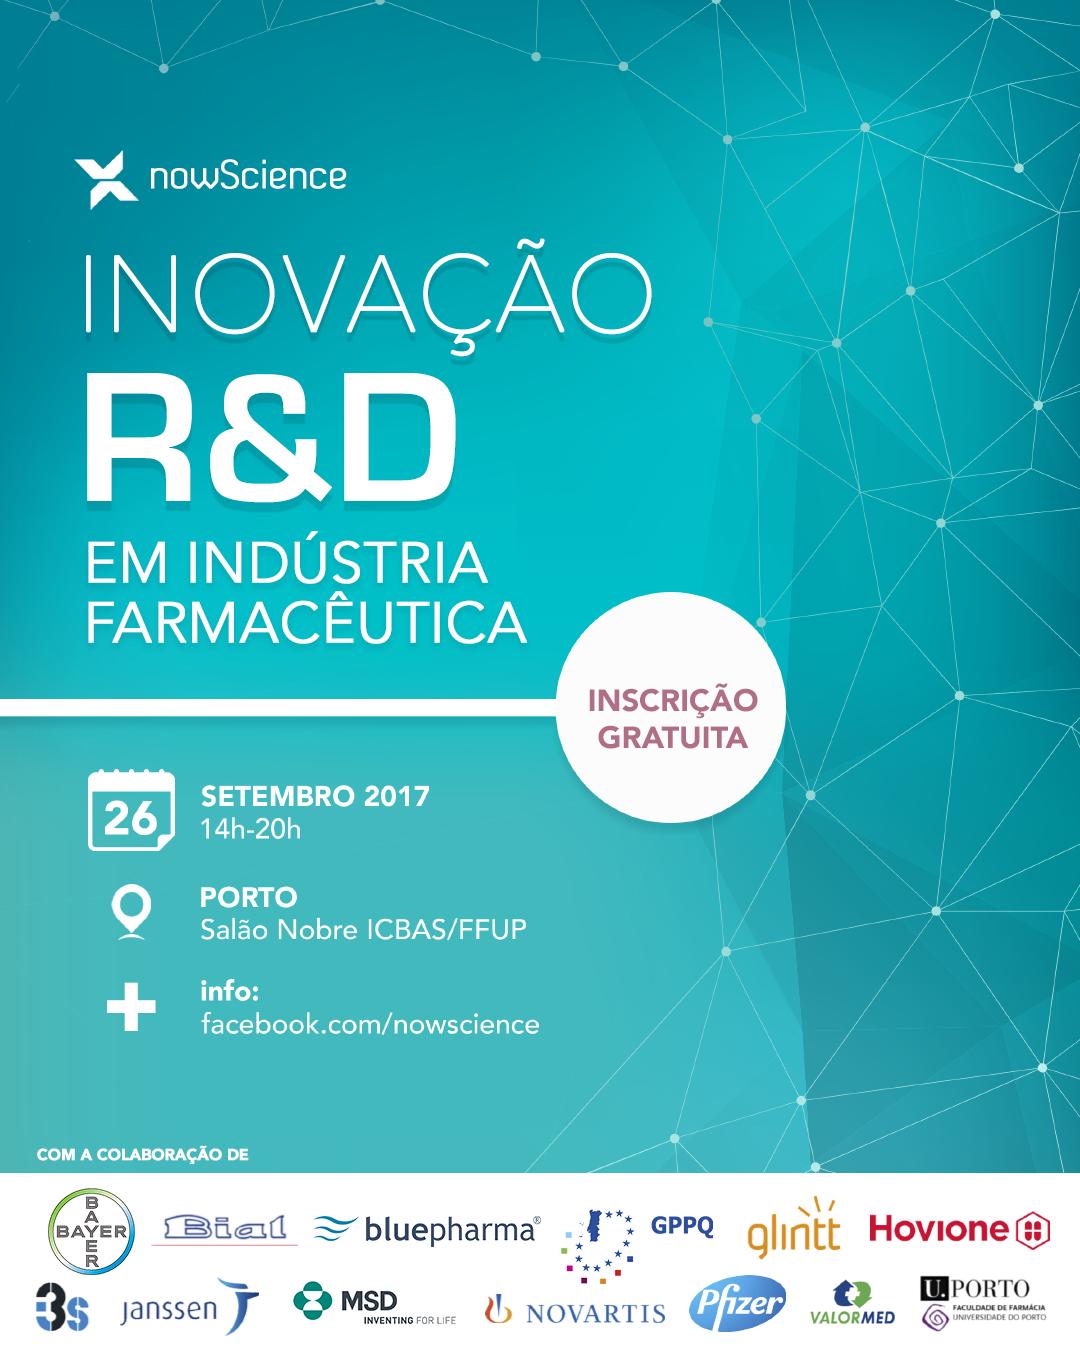 Inovação e R&D em Indústria Farmacêutica